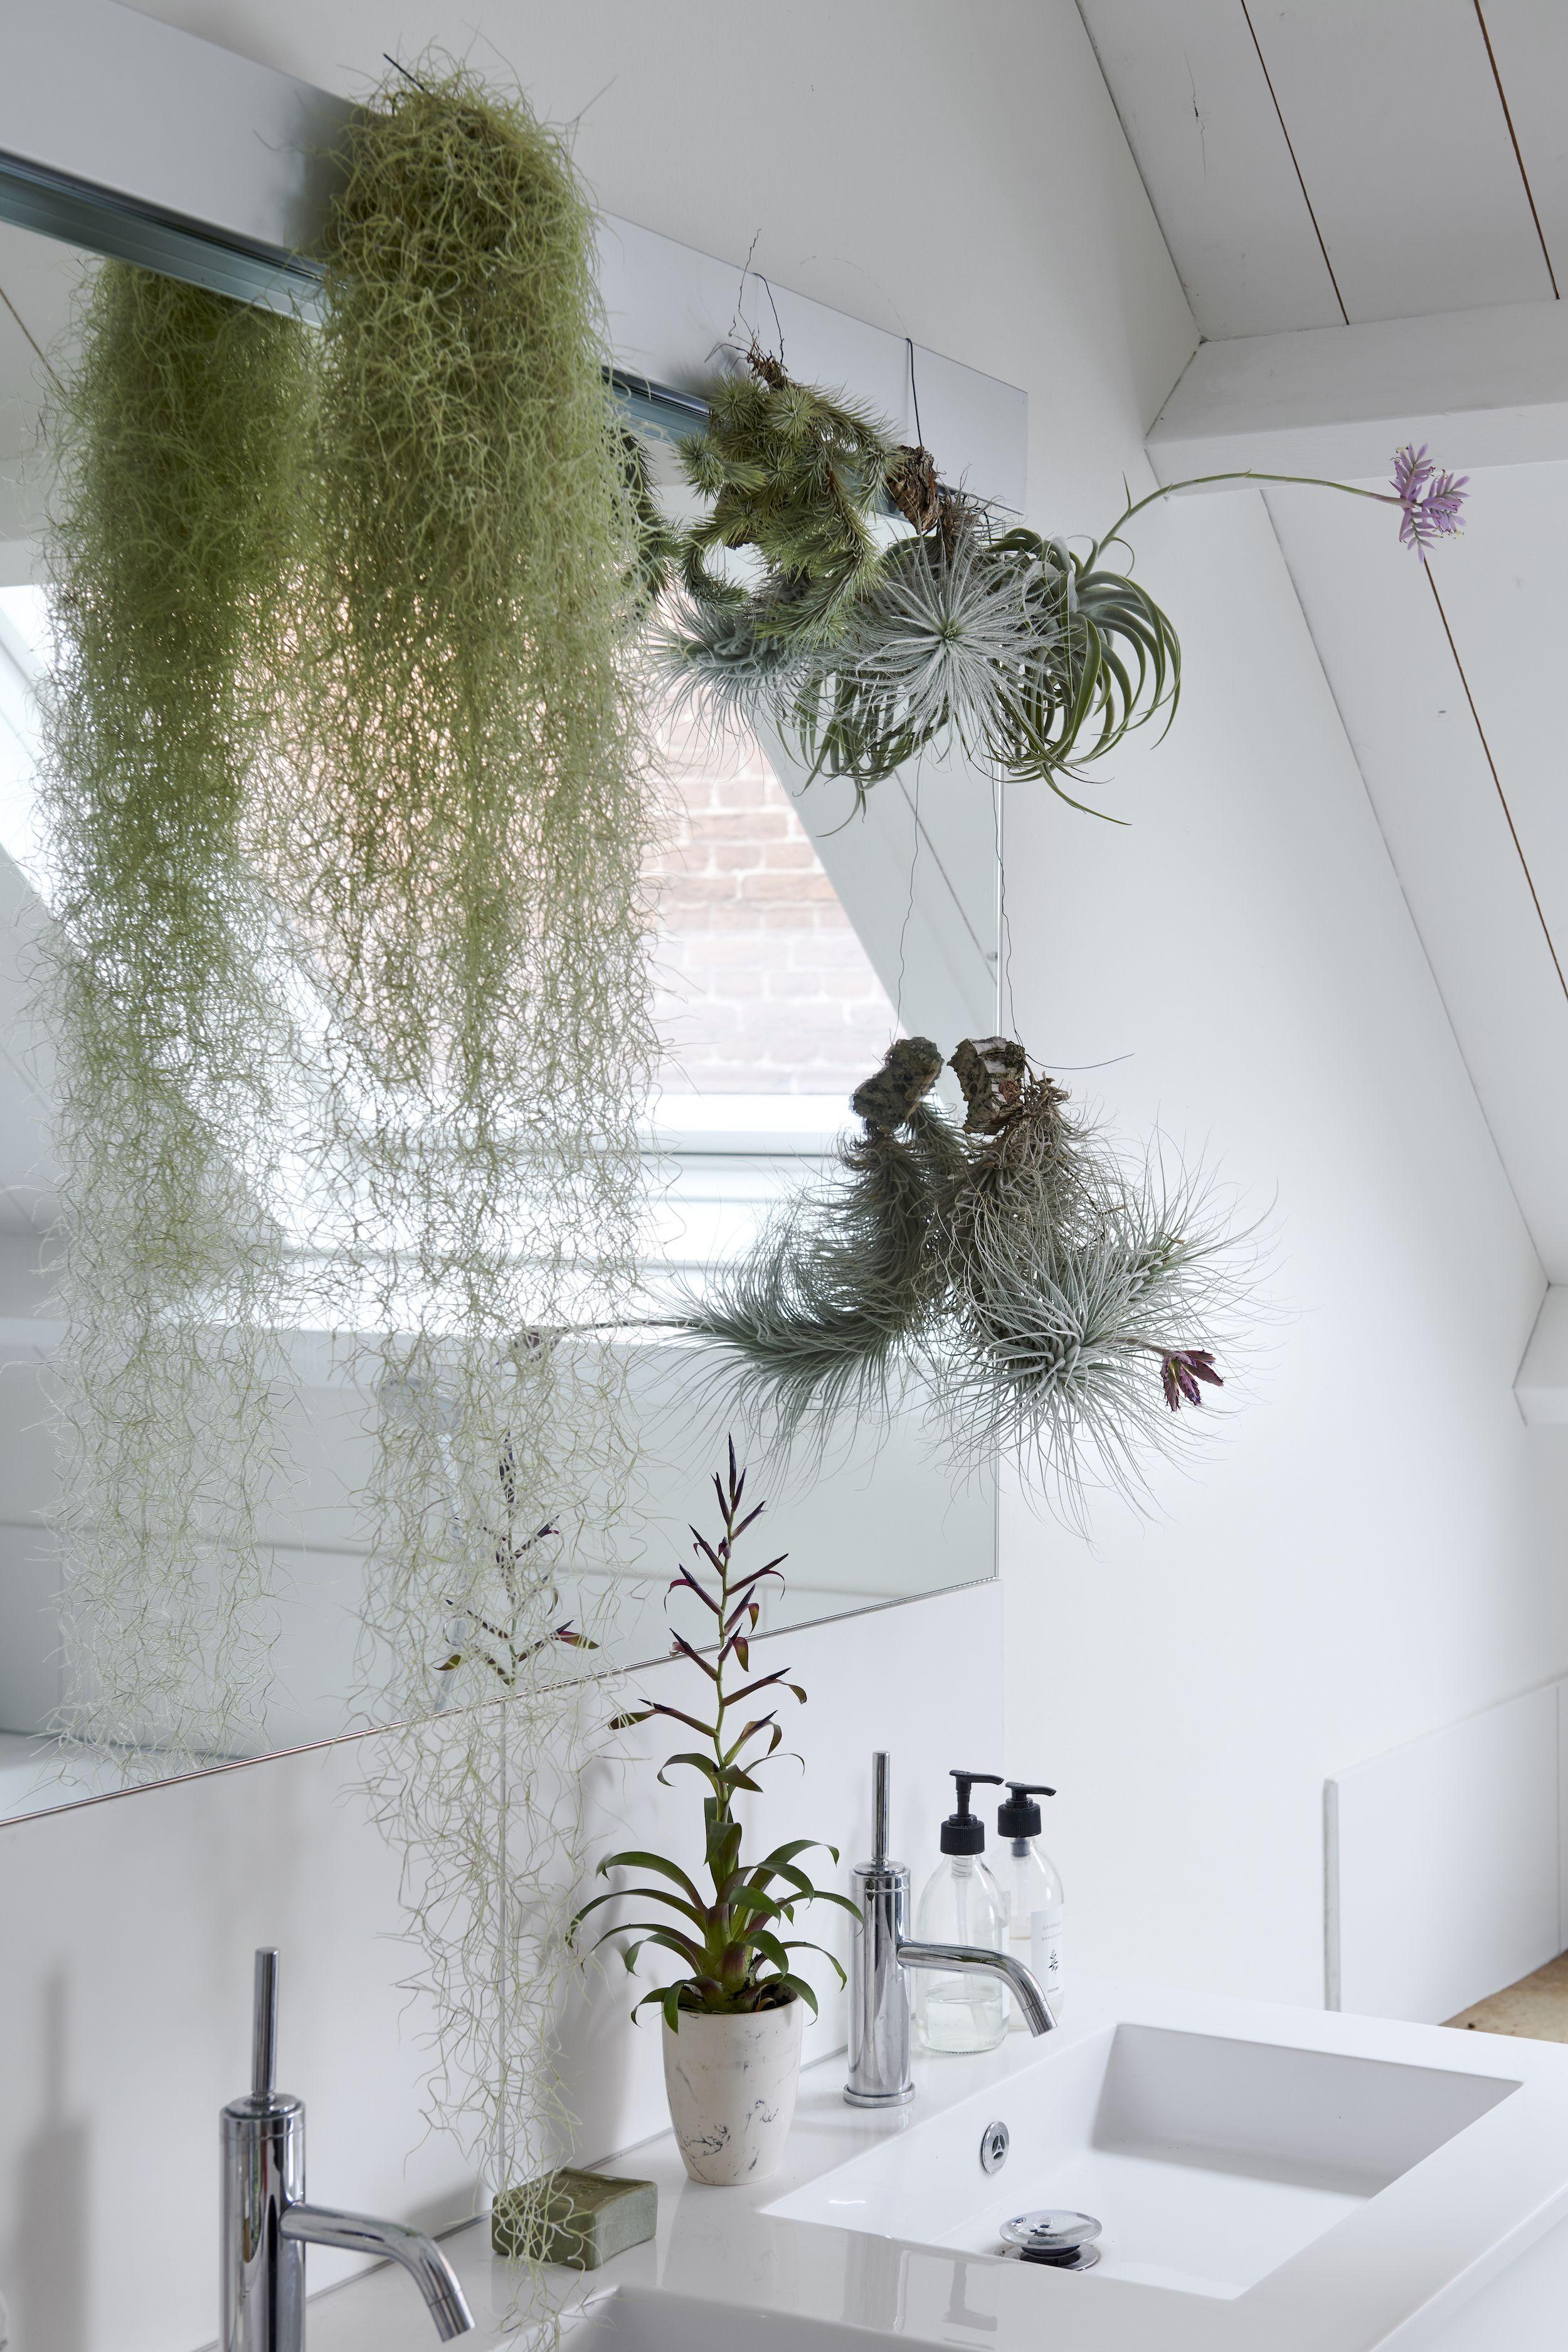 Badezimmerpflanzen Fur Den Mai Badezimmerpflanzen Zimmerpflanzen Schlafzimmer Pflanzen